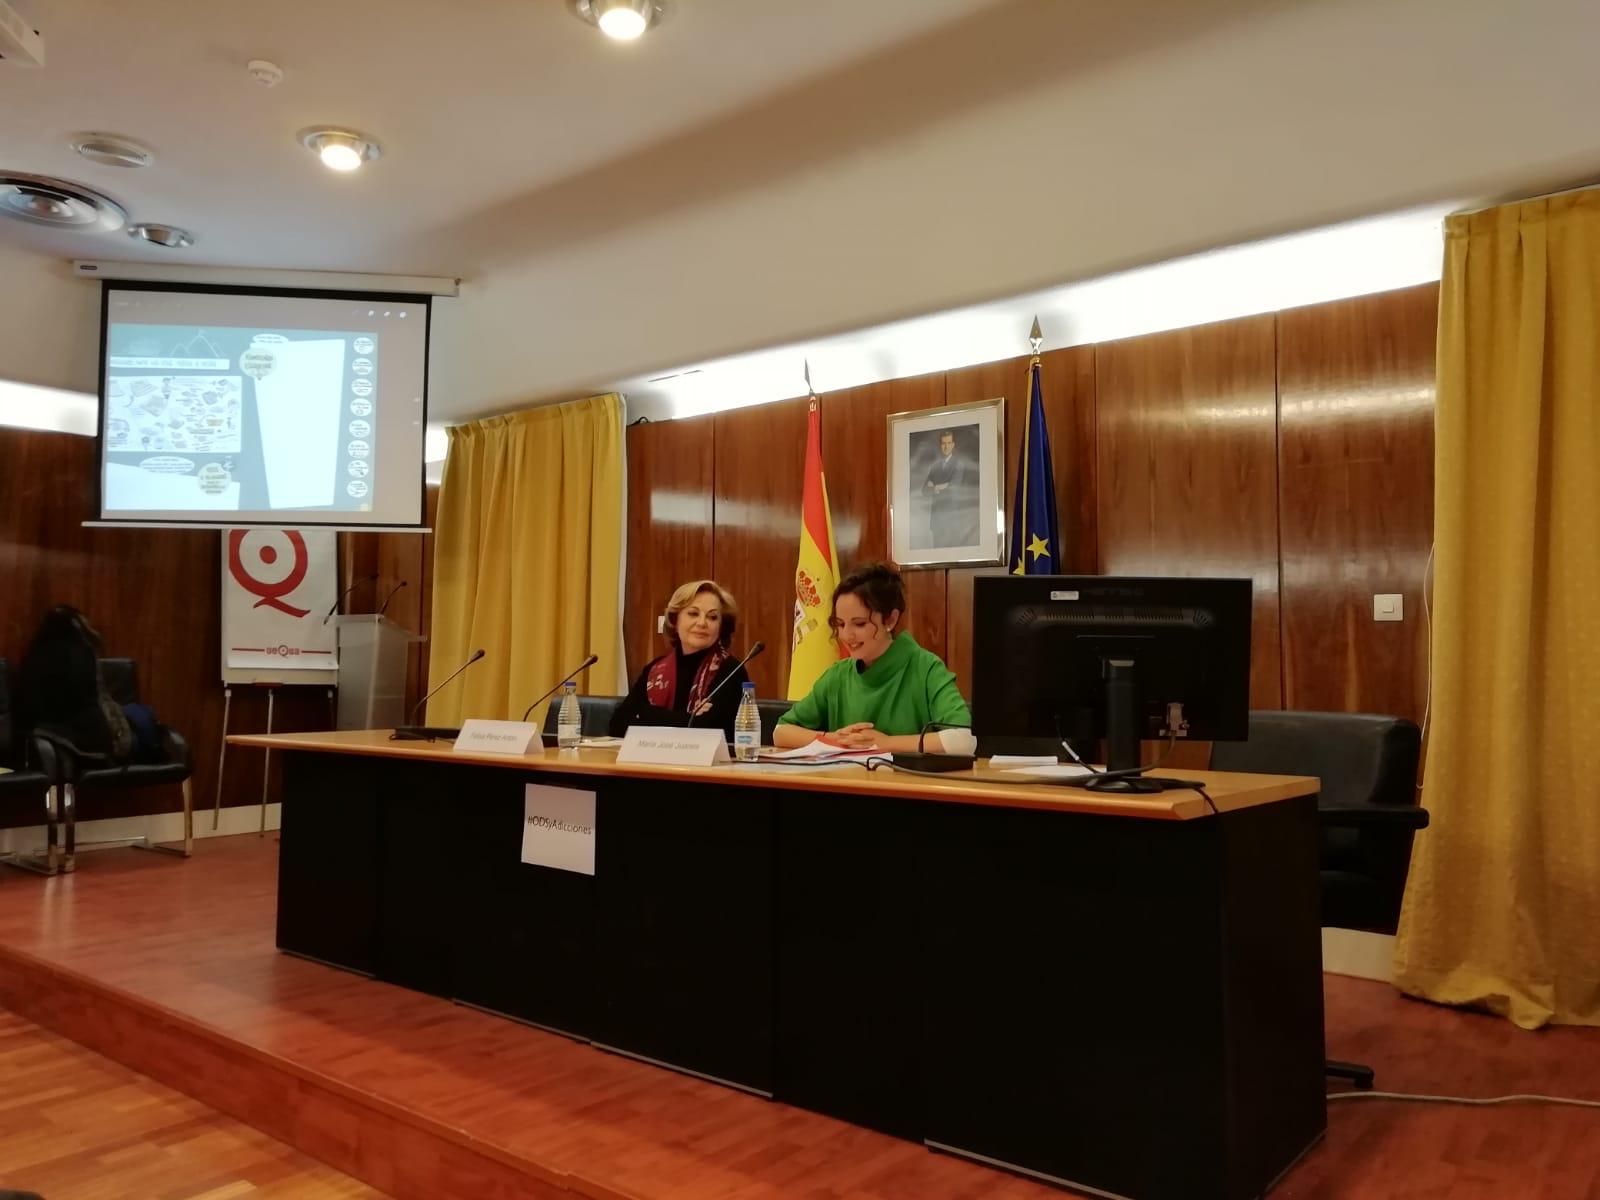 La presidenta de ABD y vicepresidenta de la UNAD, Felisa Pérez, interviene en la jornada 'Las adicciones antes los ODS: metas y retos»